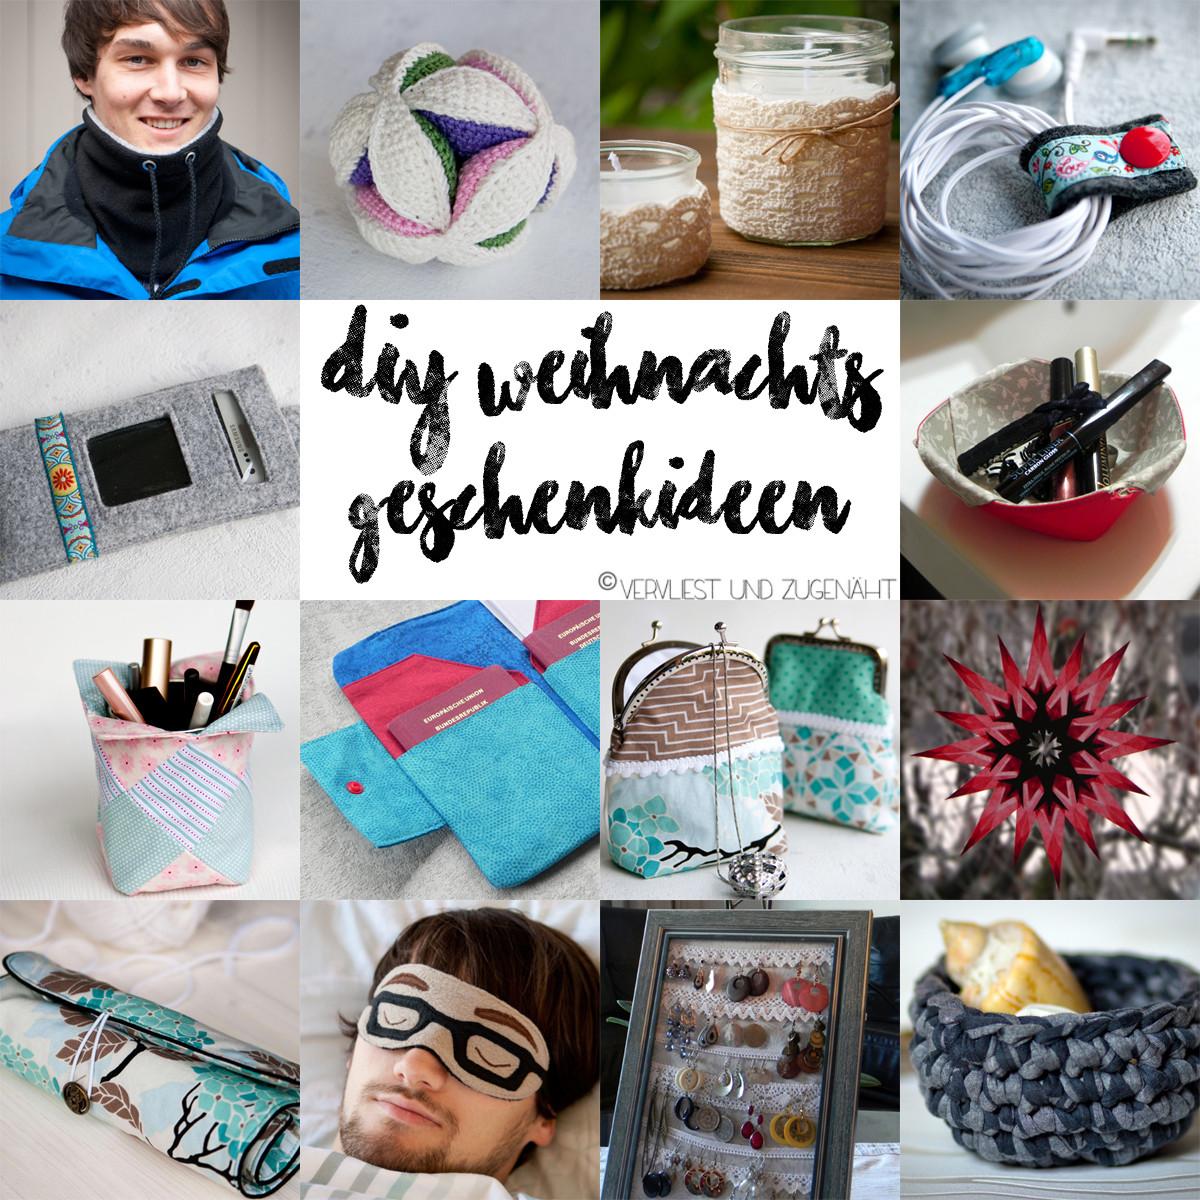 Diy Geschenkideen Weihnachten  Vervliest und zugenäht DIY Geschenkideen für Weihnachten